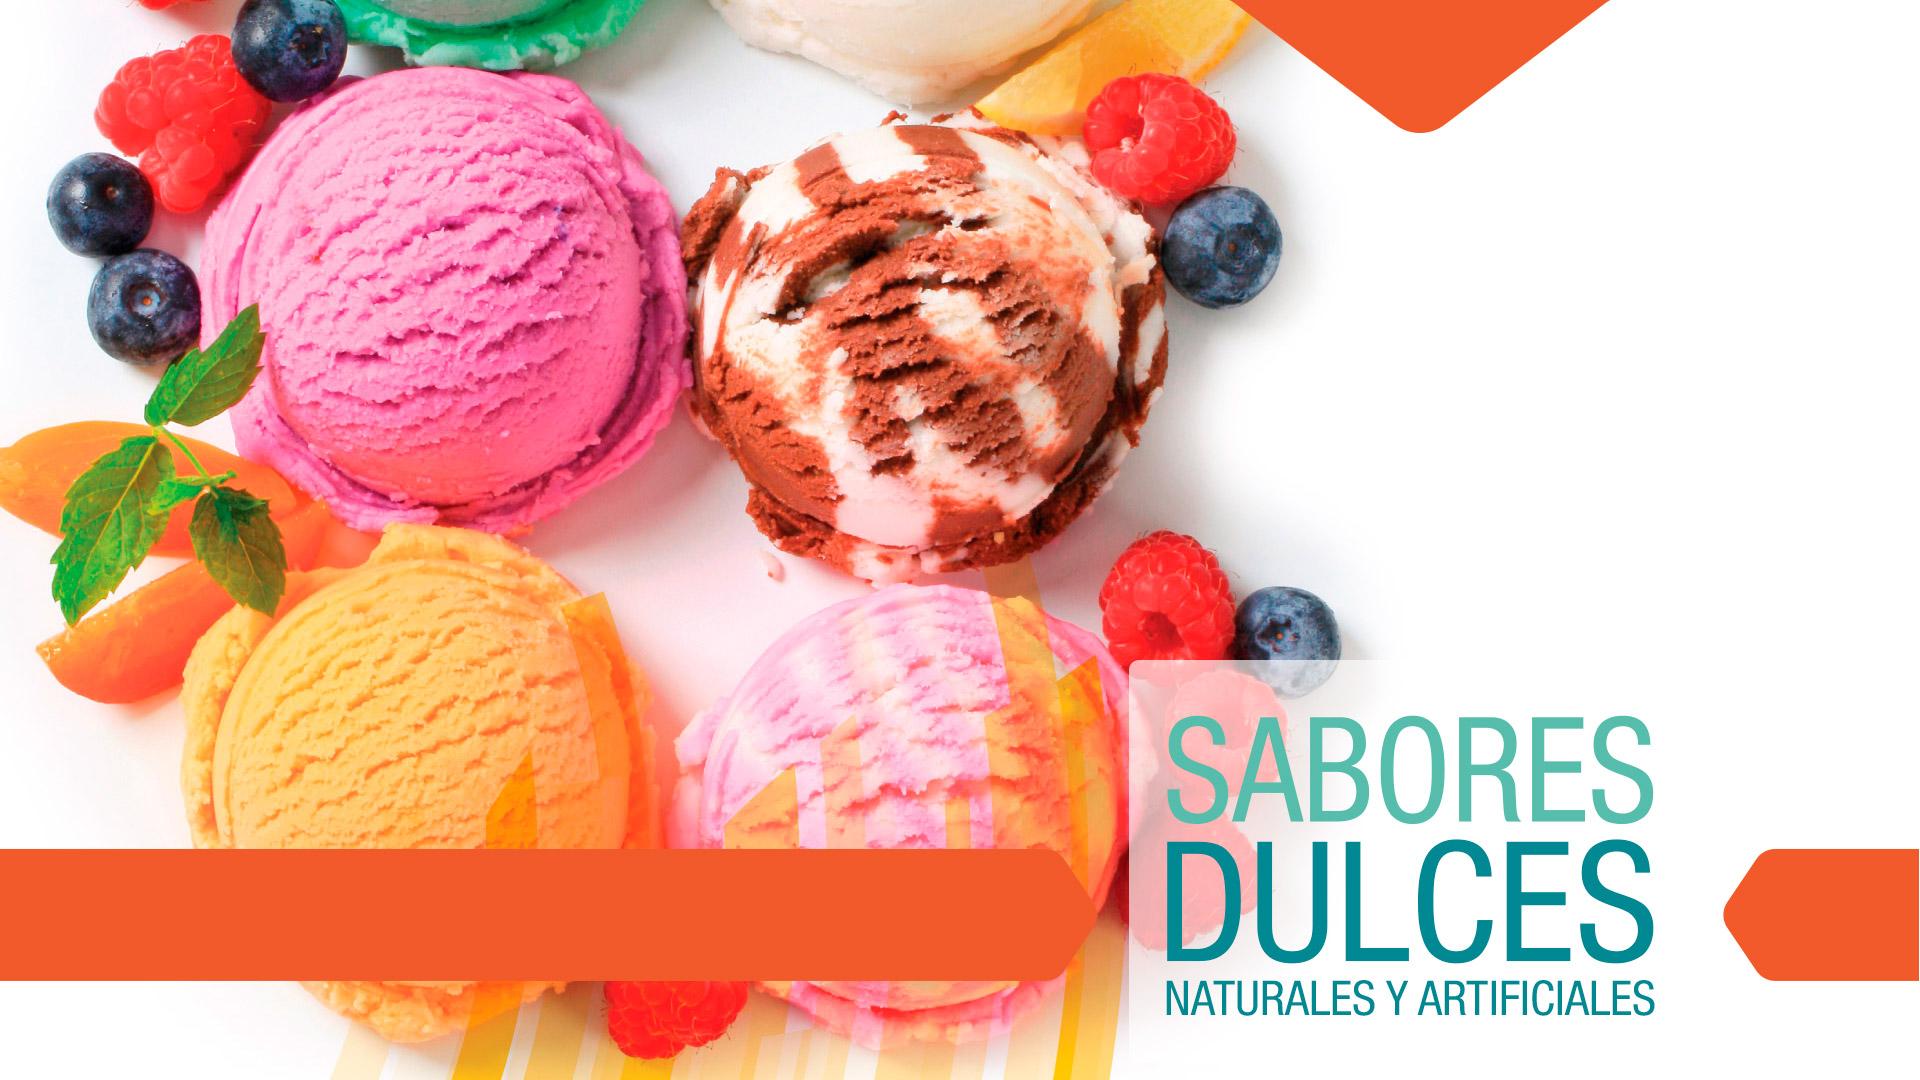 Sabores dulces   Naturales y artificiales